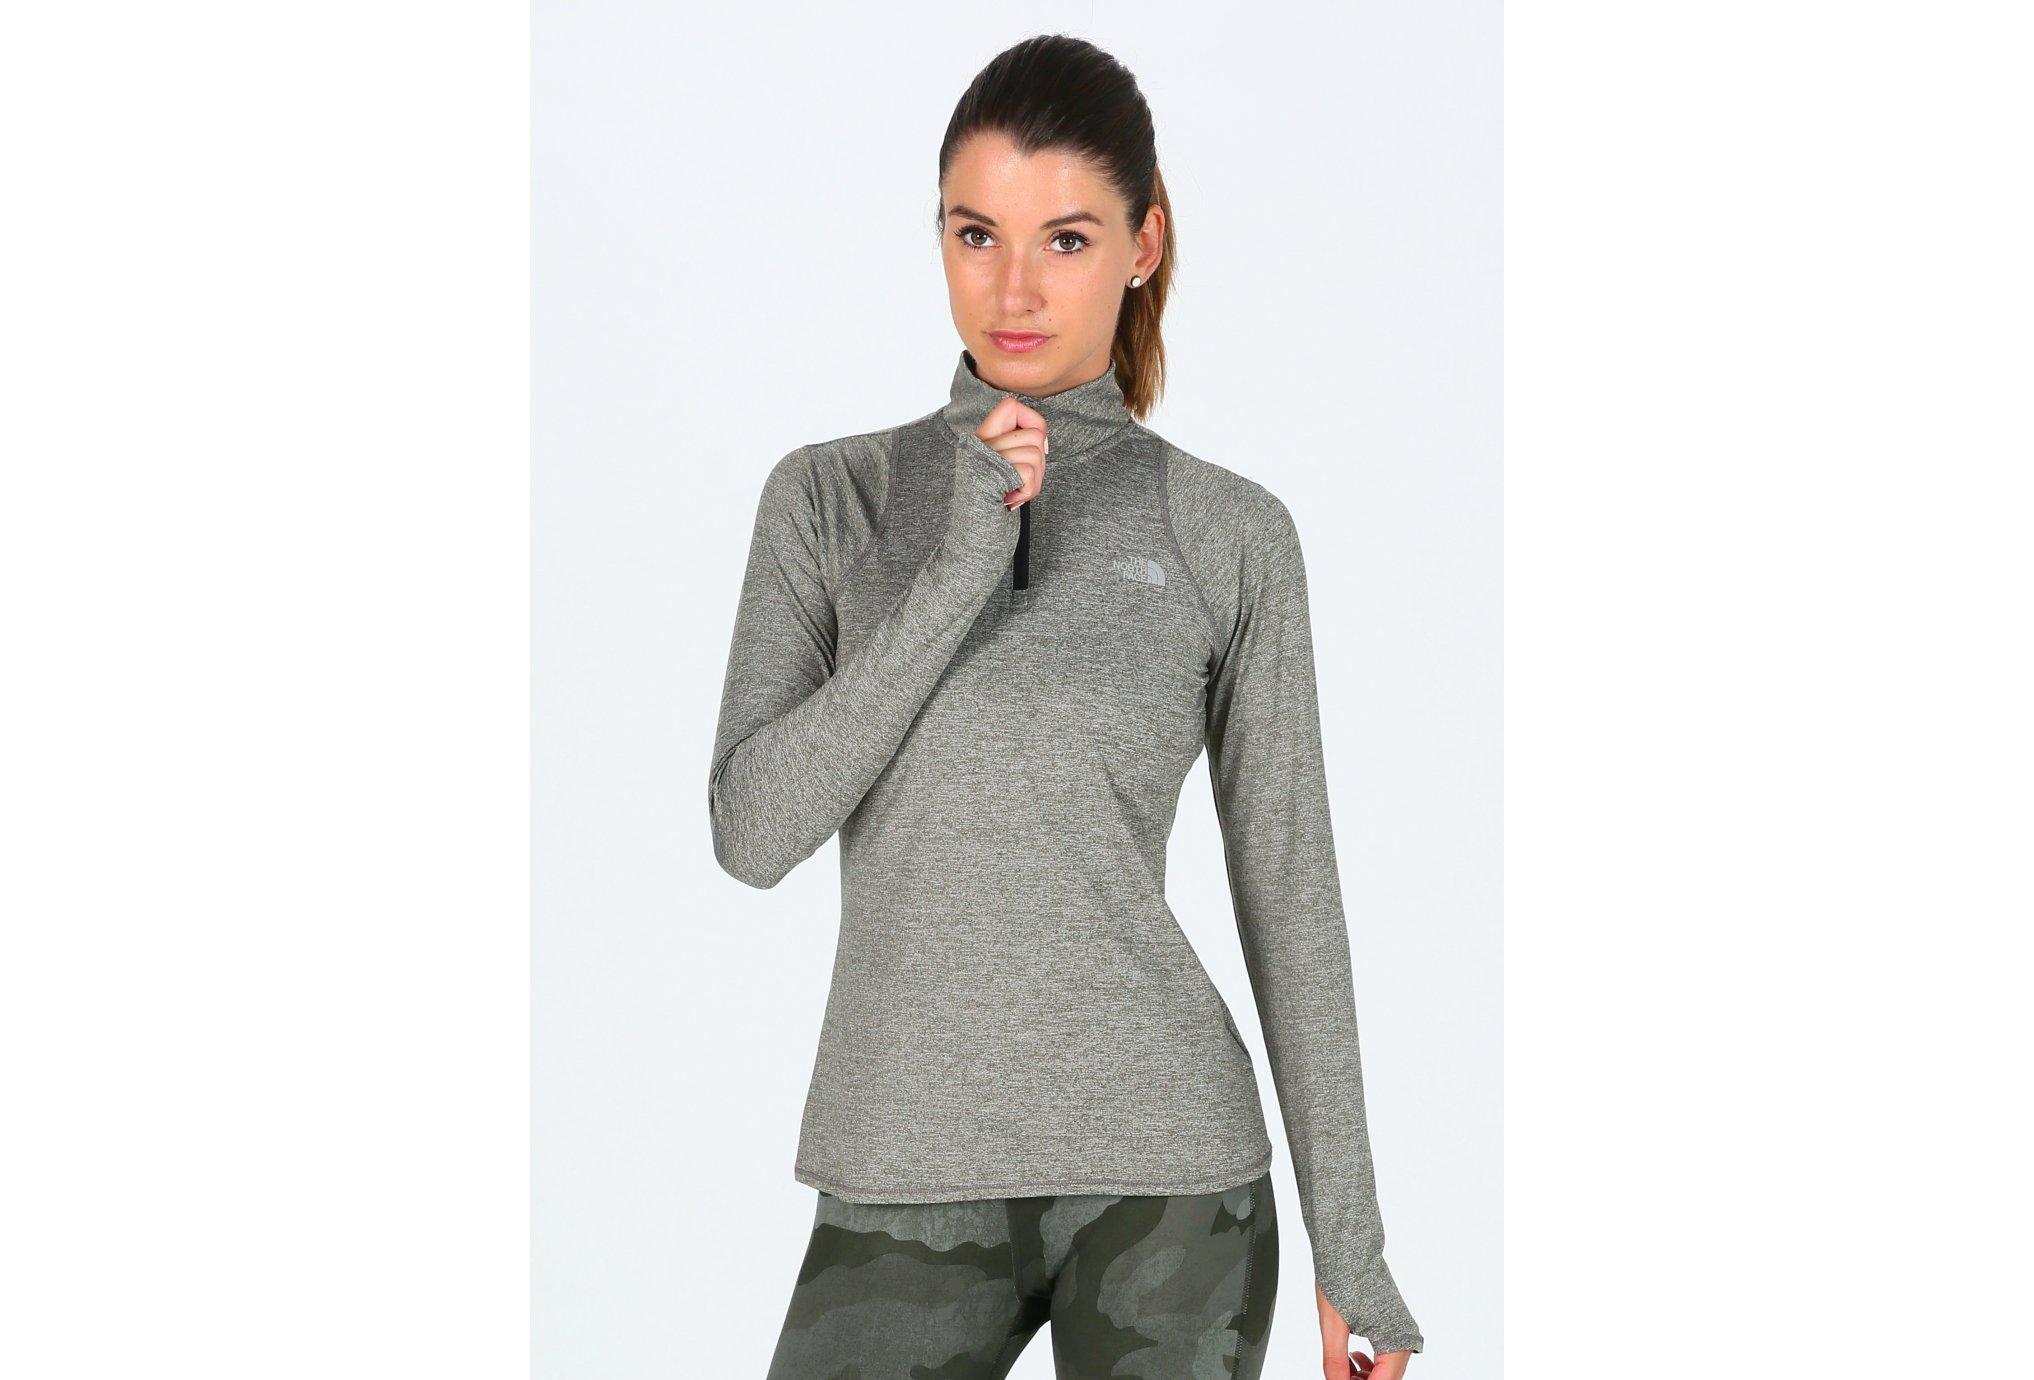 The North Face Ambition 1/4 Zip W Diététique Vêtements femme